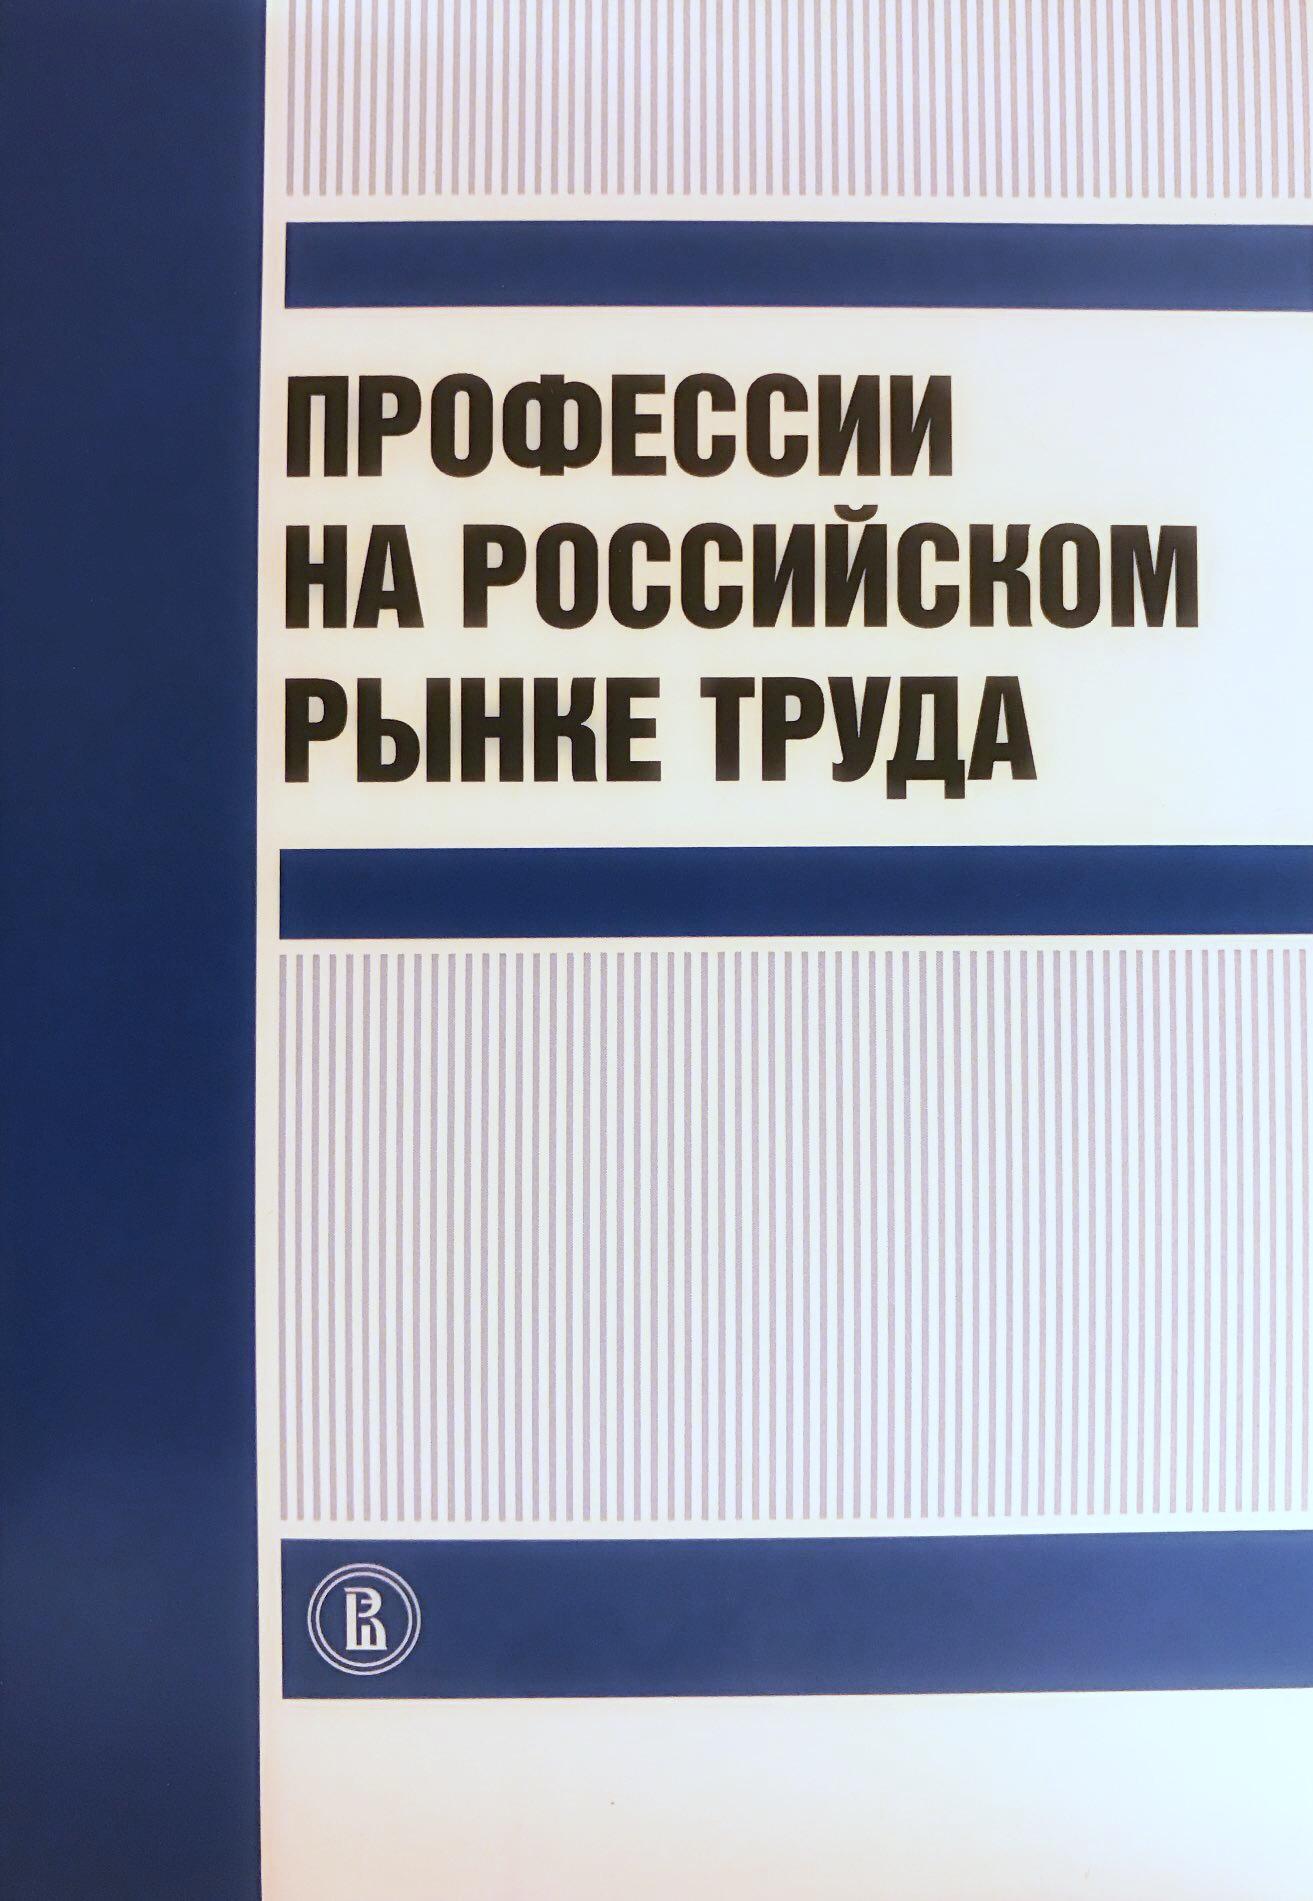 Профессии на российском рынке труда